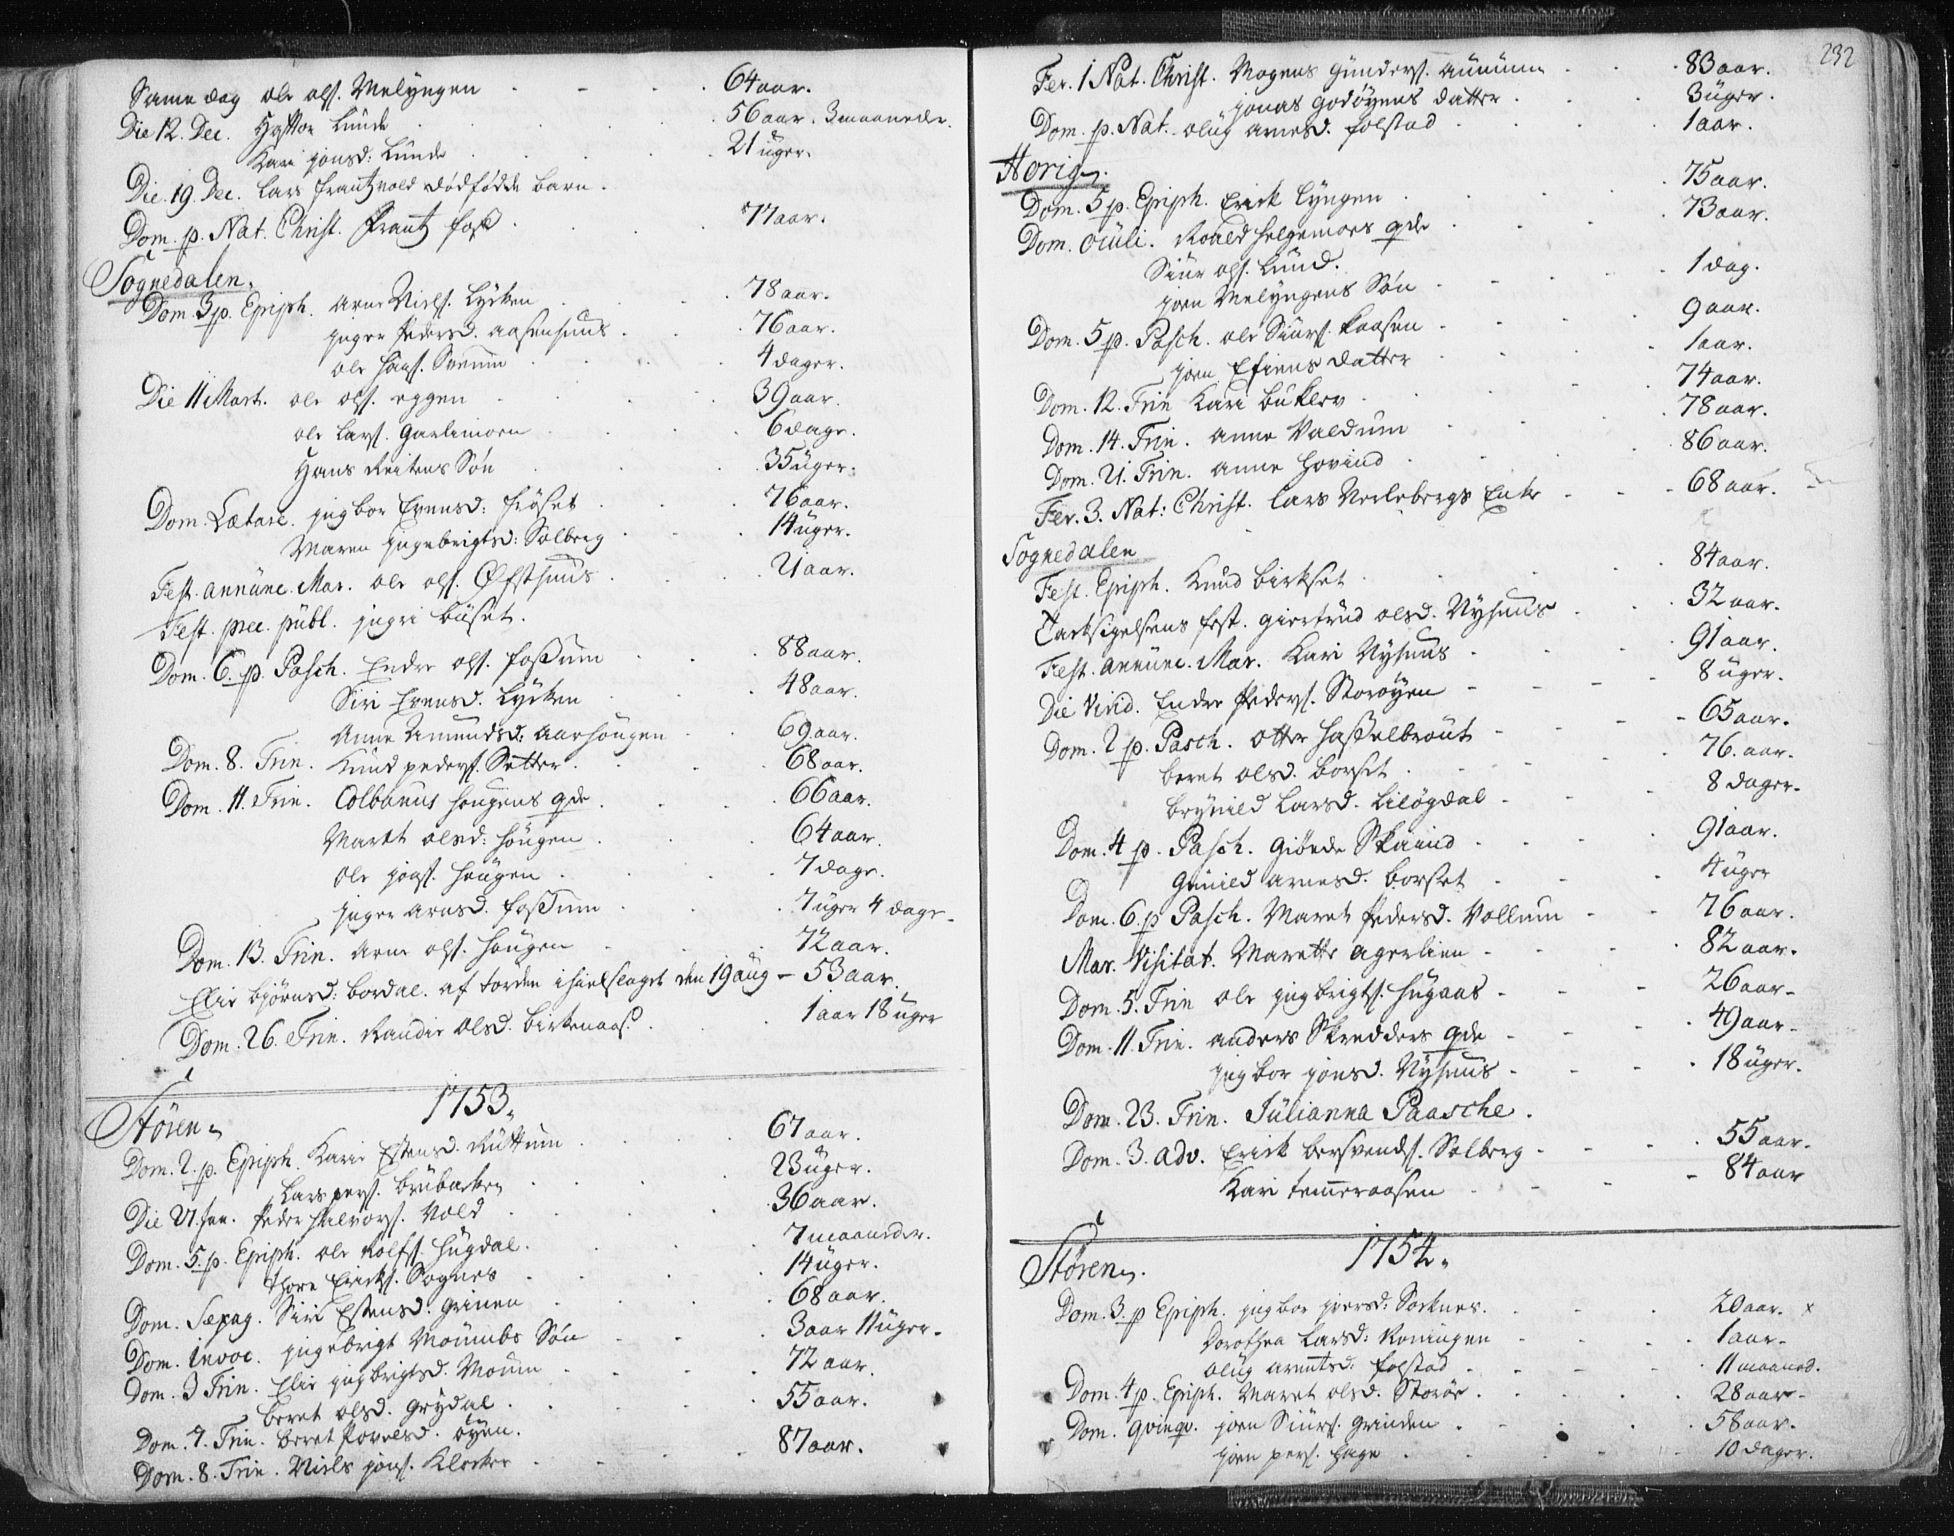 SAT, Ministerialprotokoller, klokkerbøker og fødselsregistre - Sør-Trøndelag, 687/L0991: Ministerialbok nr. 687A02, 1747-1790, s. 232